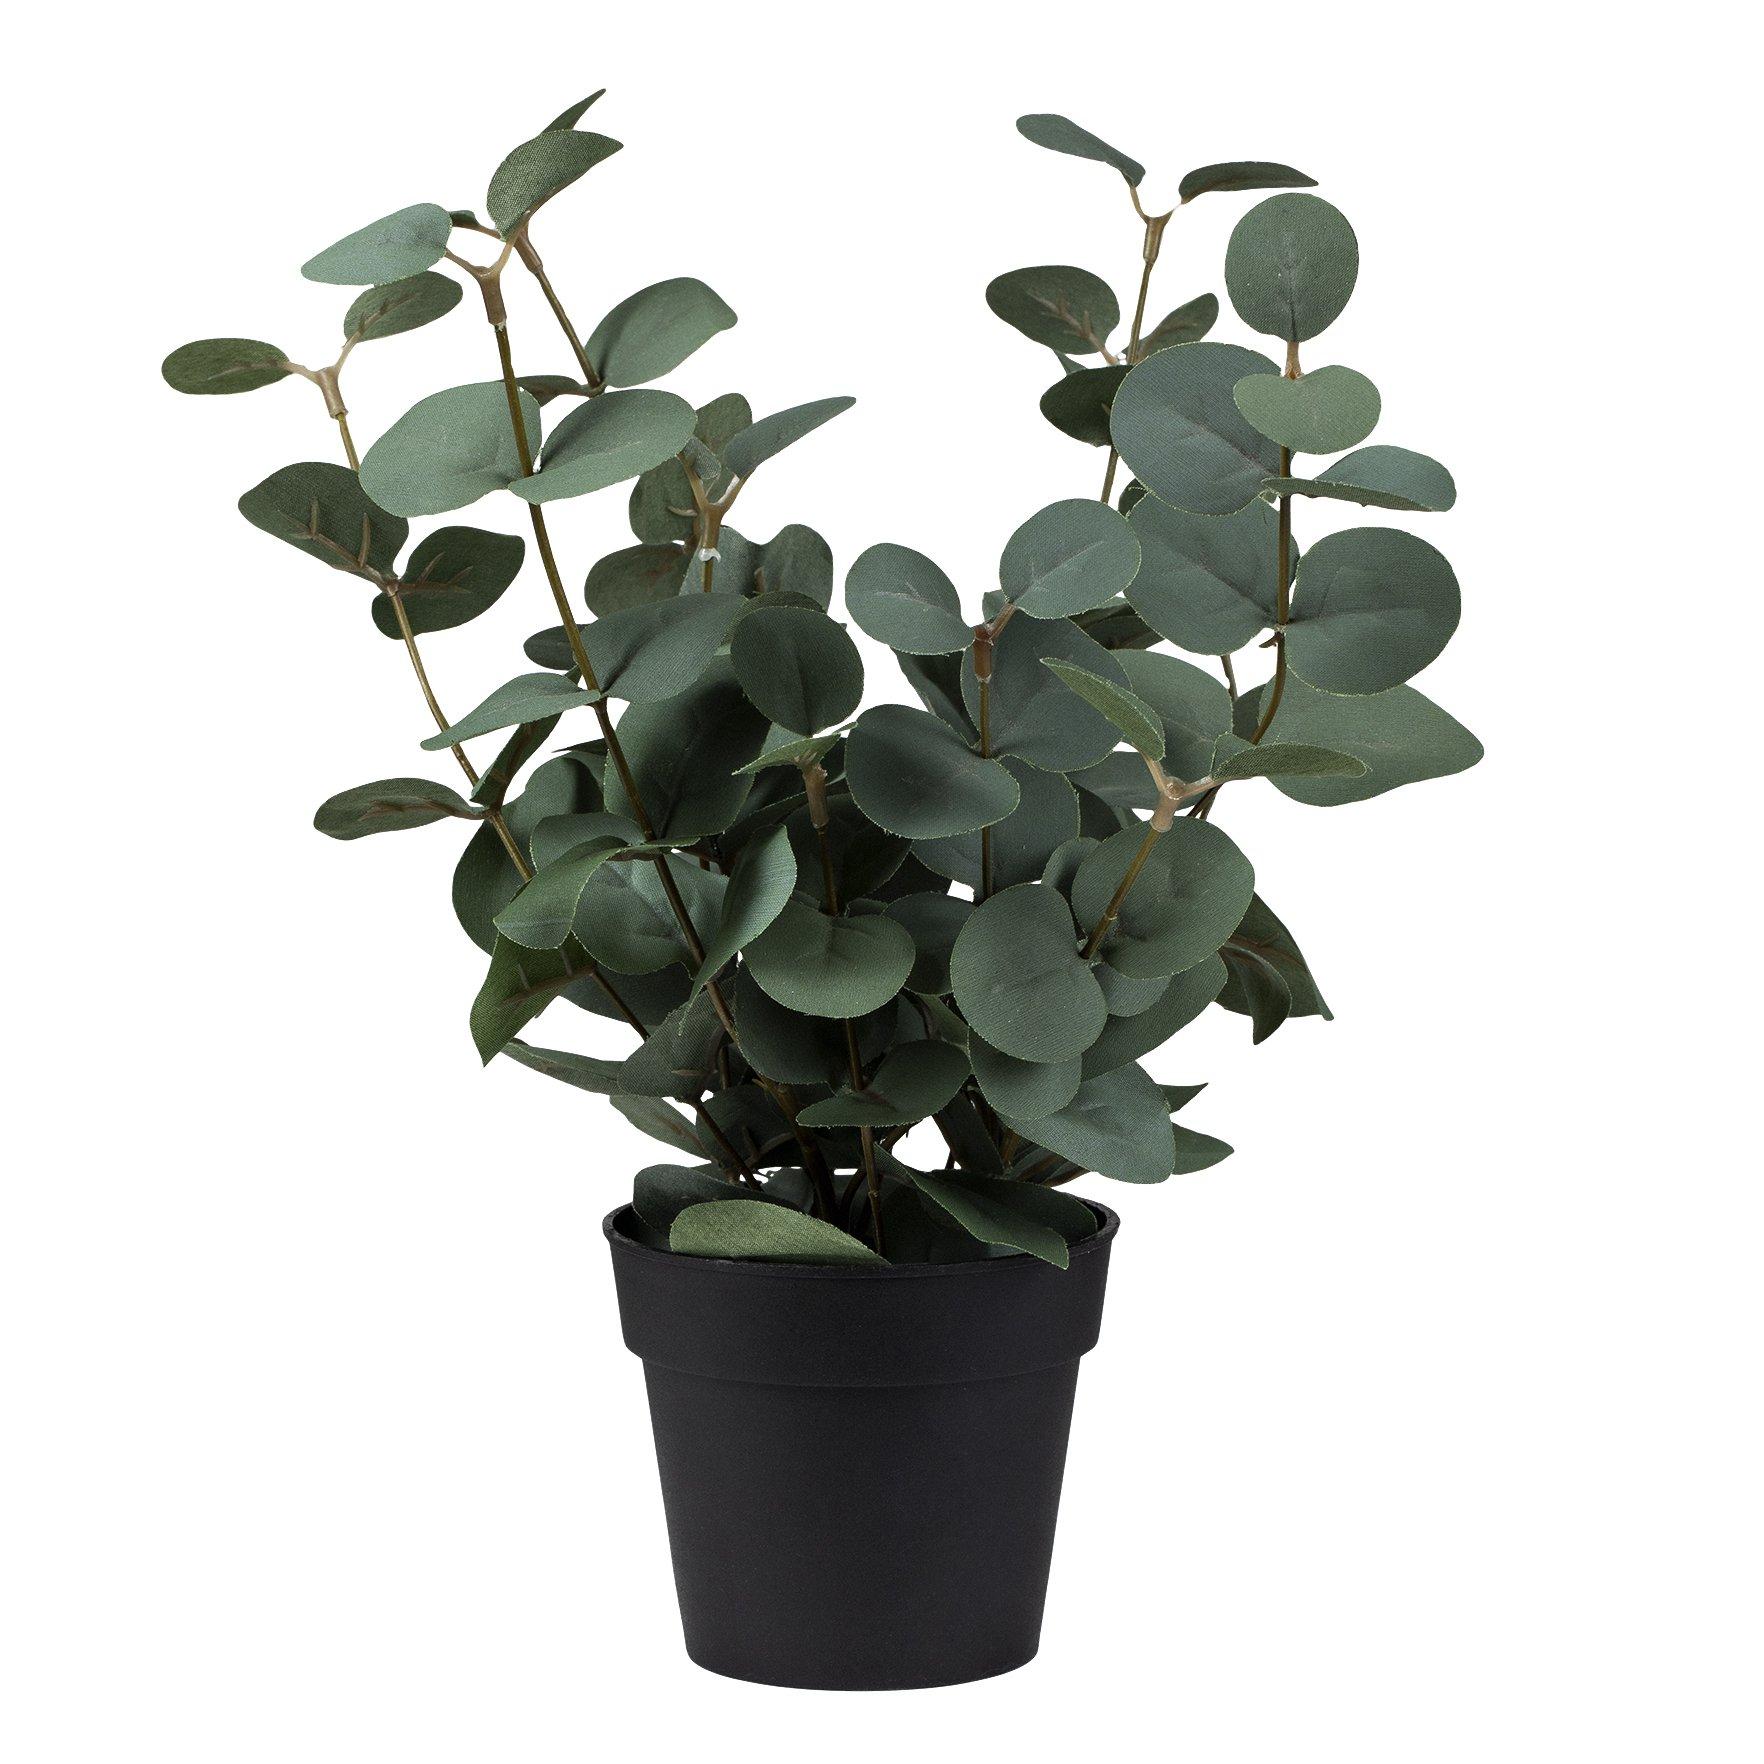 Plante Eucalyptus i potte